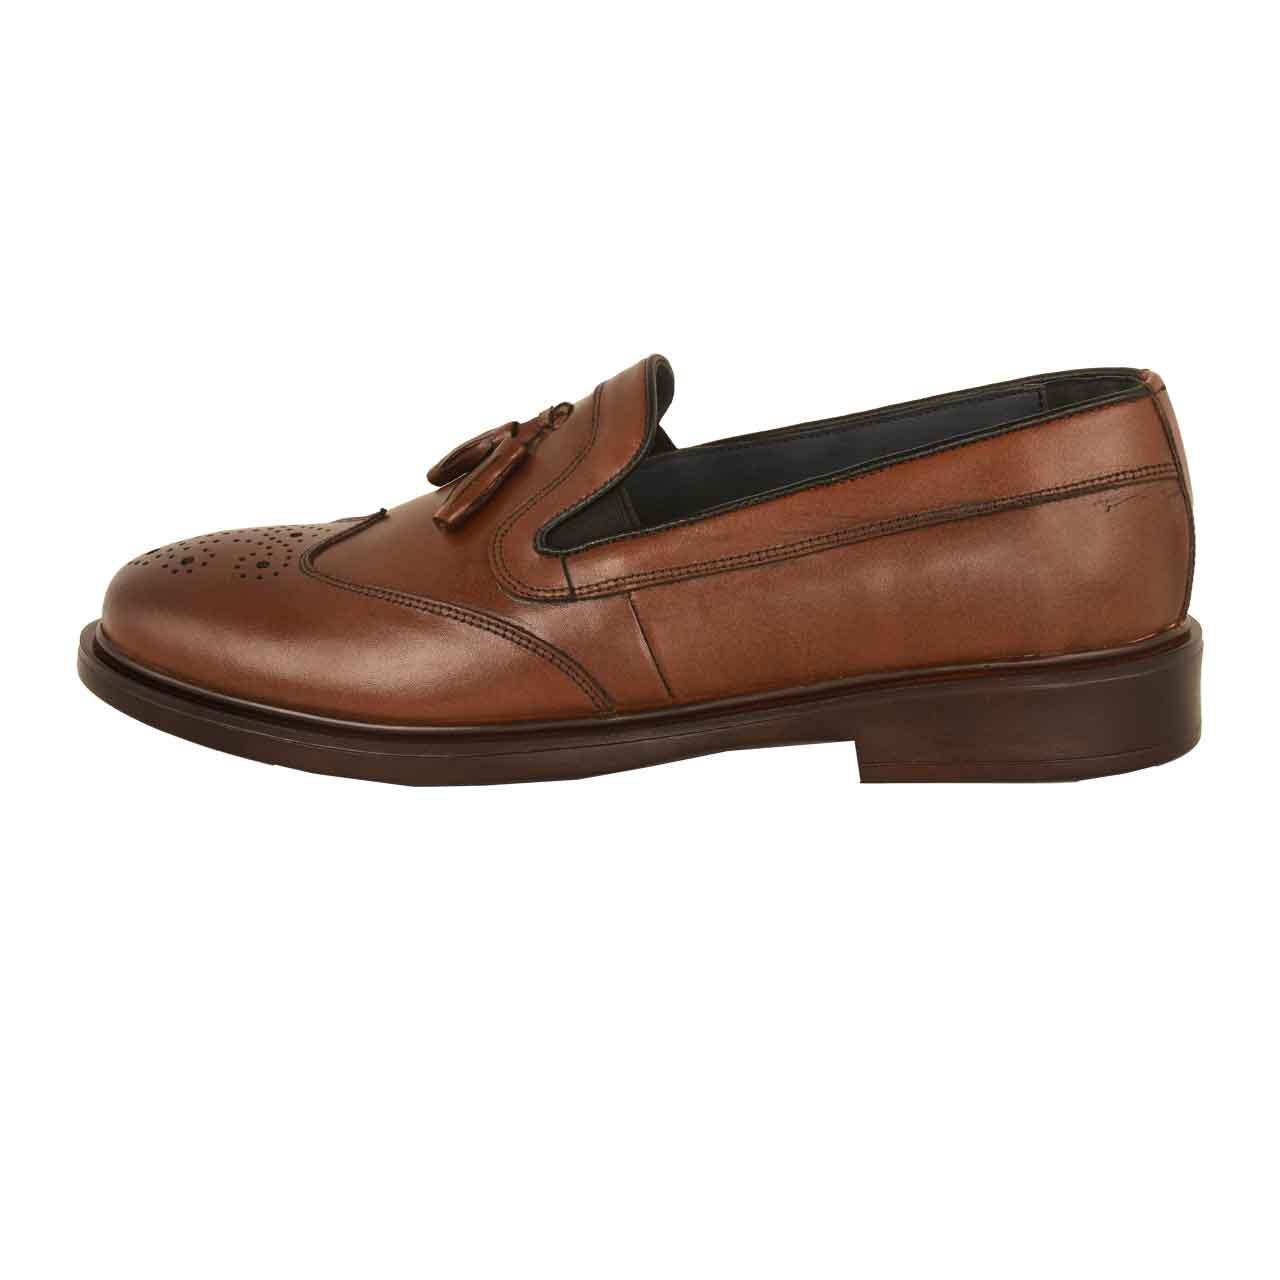 کفش مردانه پارینه مدل SHO152-7